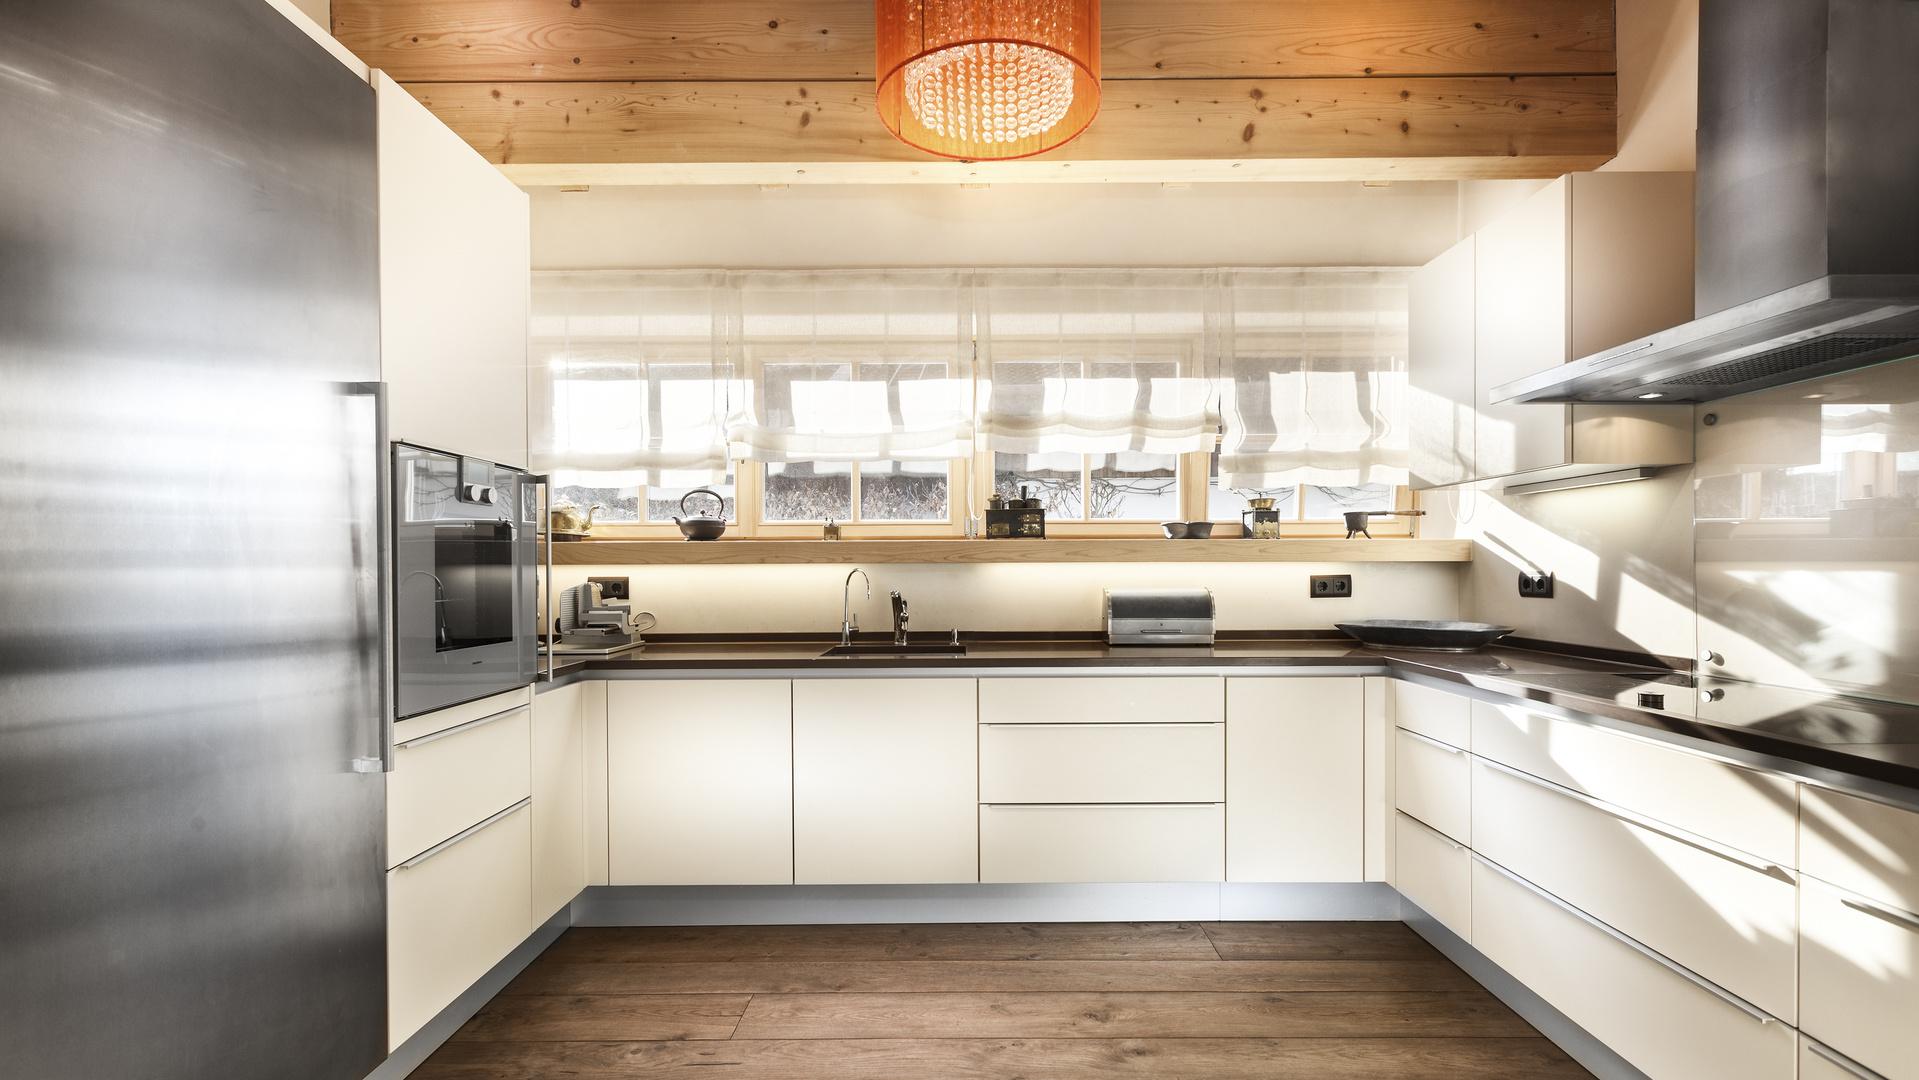 Alltagsdesing Interieur - Küche Foto & Bild | interieur & stills ...